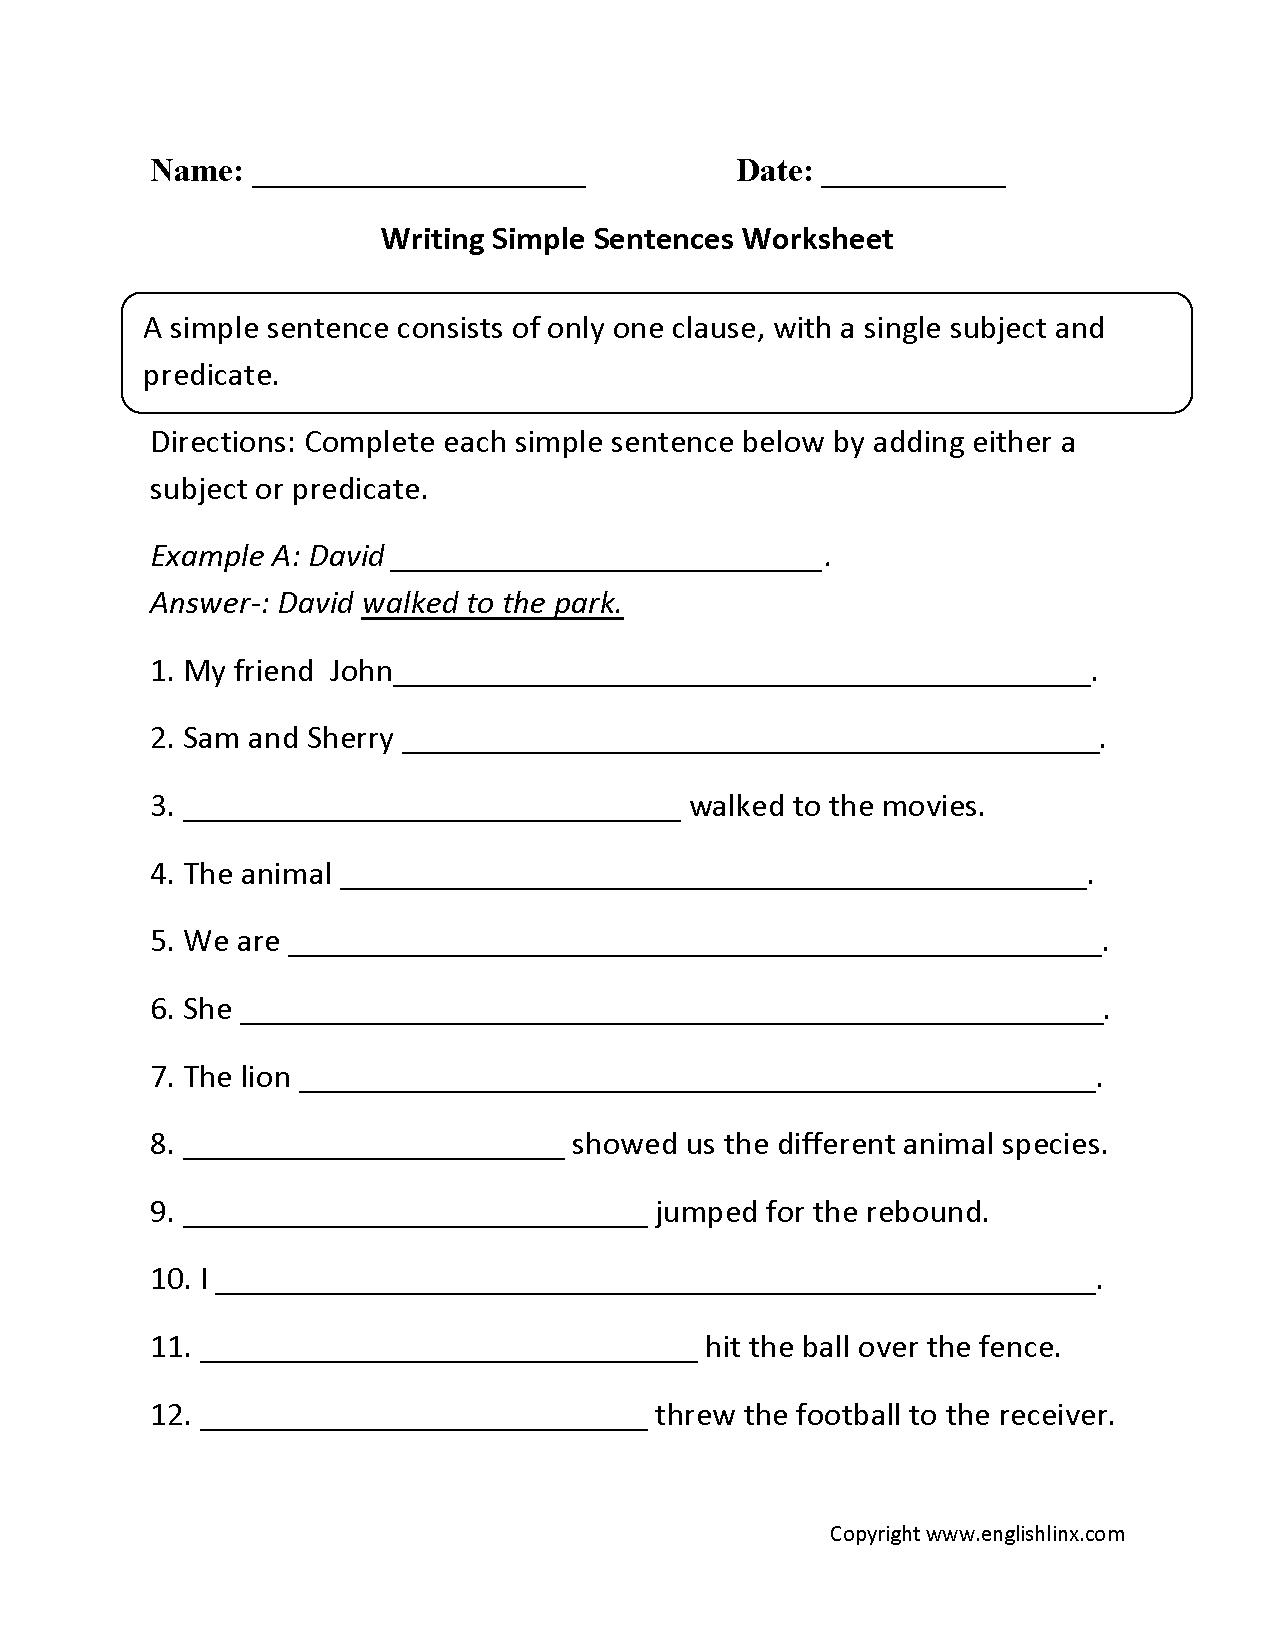 Sentences Worksheets | Simple Sentences Worksheets - Free Printable Simple Sentences Worksheets